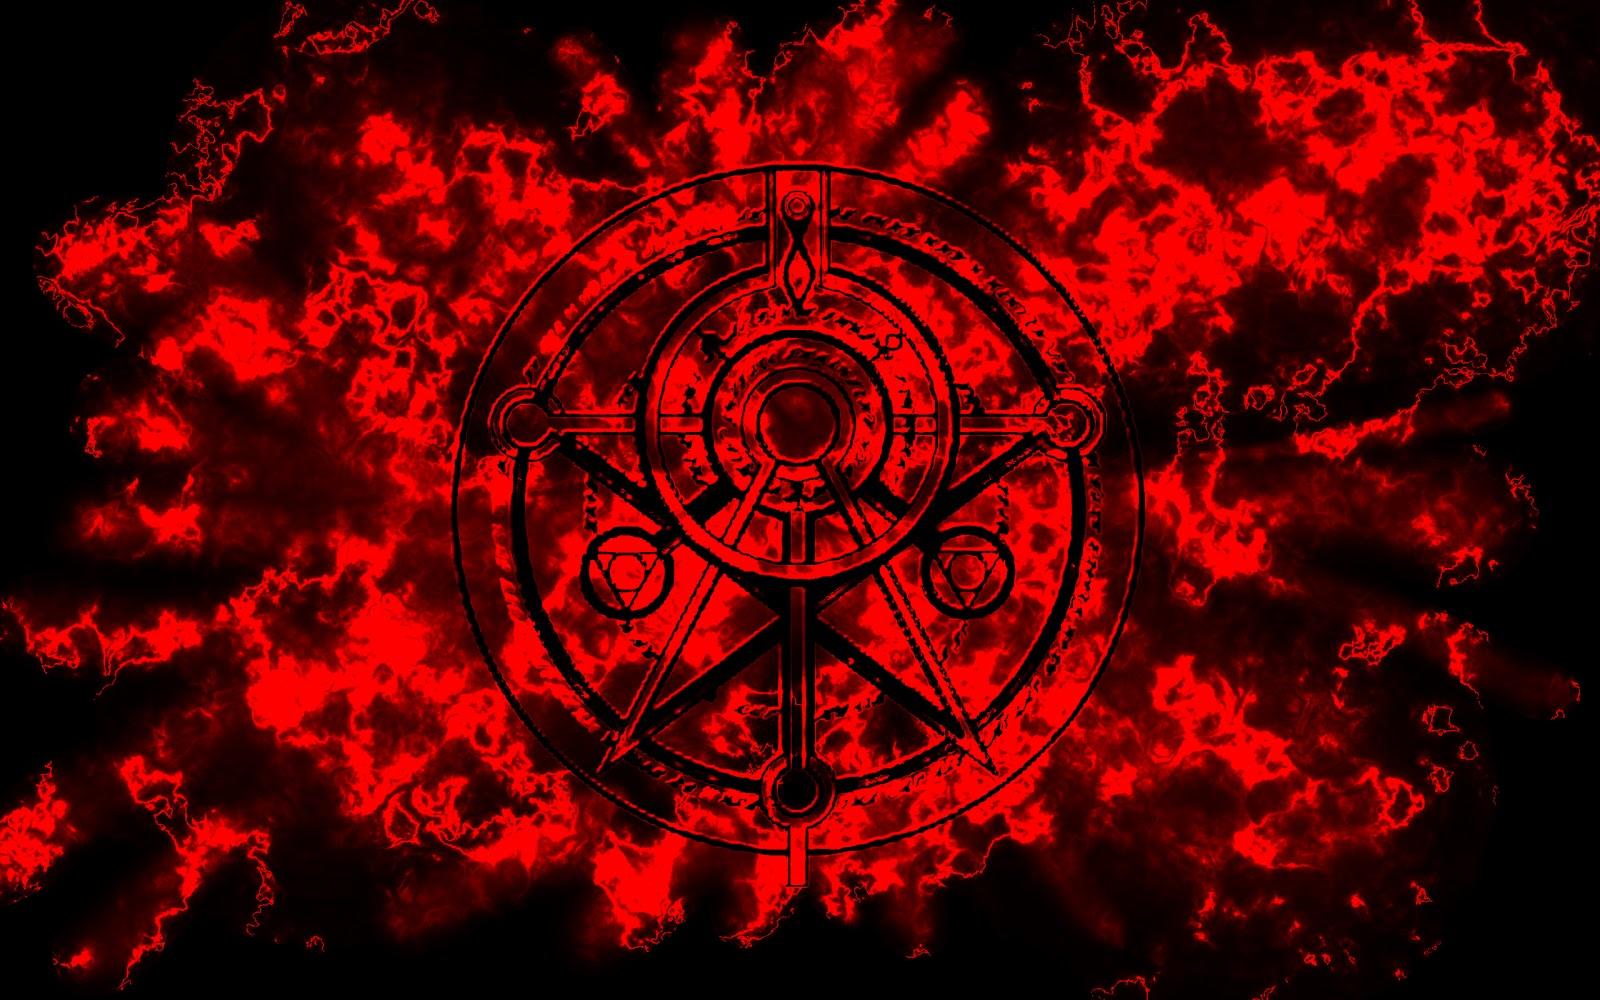 Red And Black Wallpaper Designs 2 Desktop Background